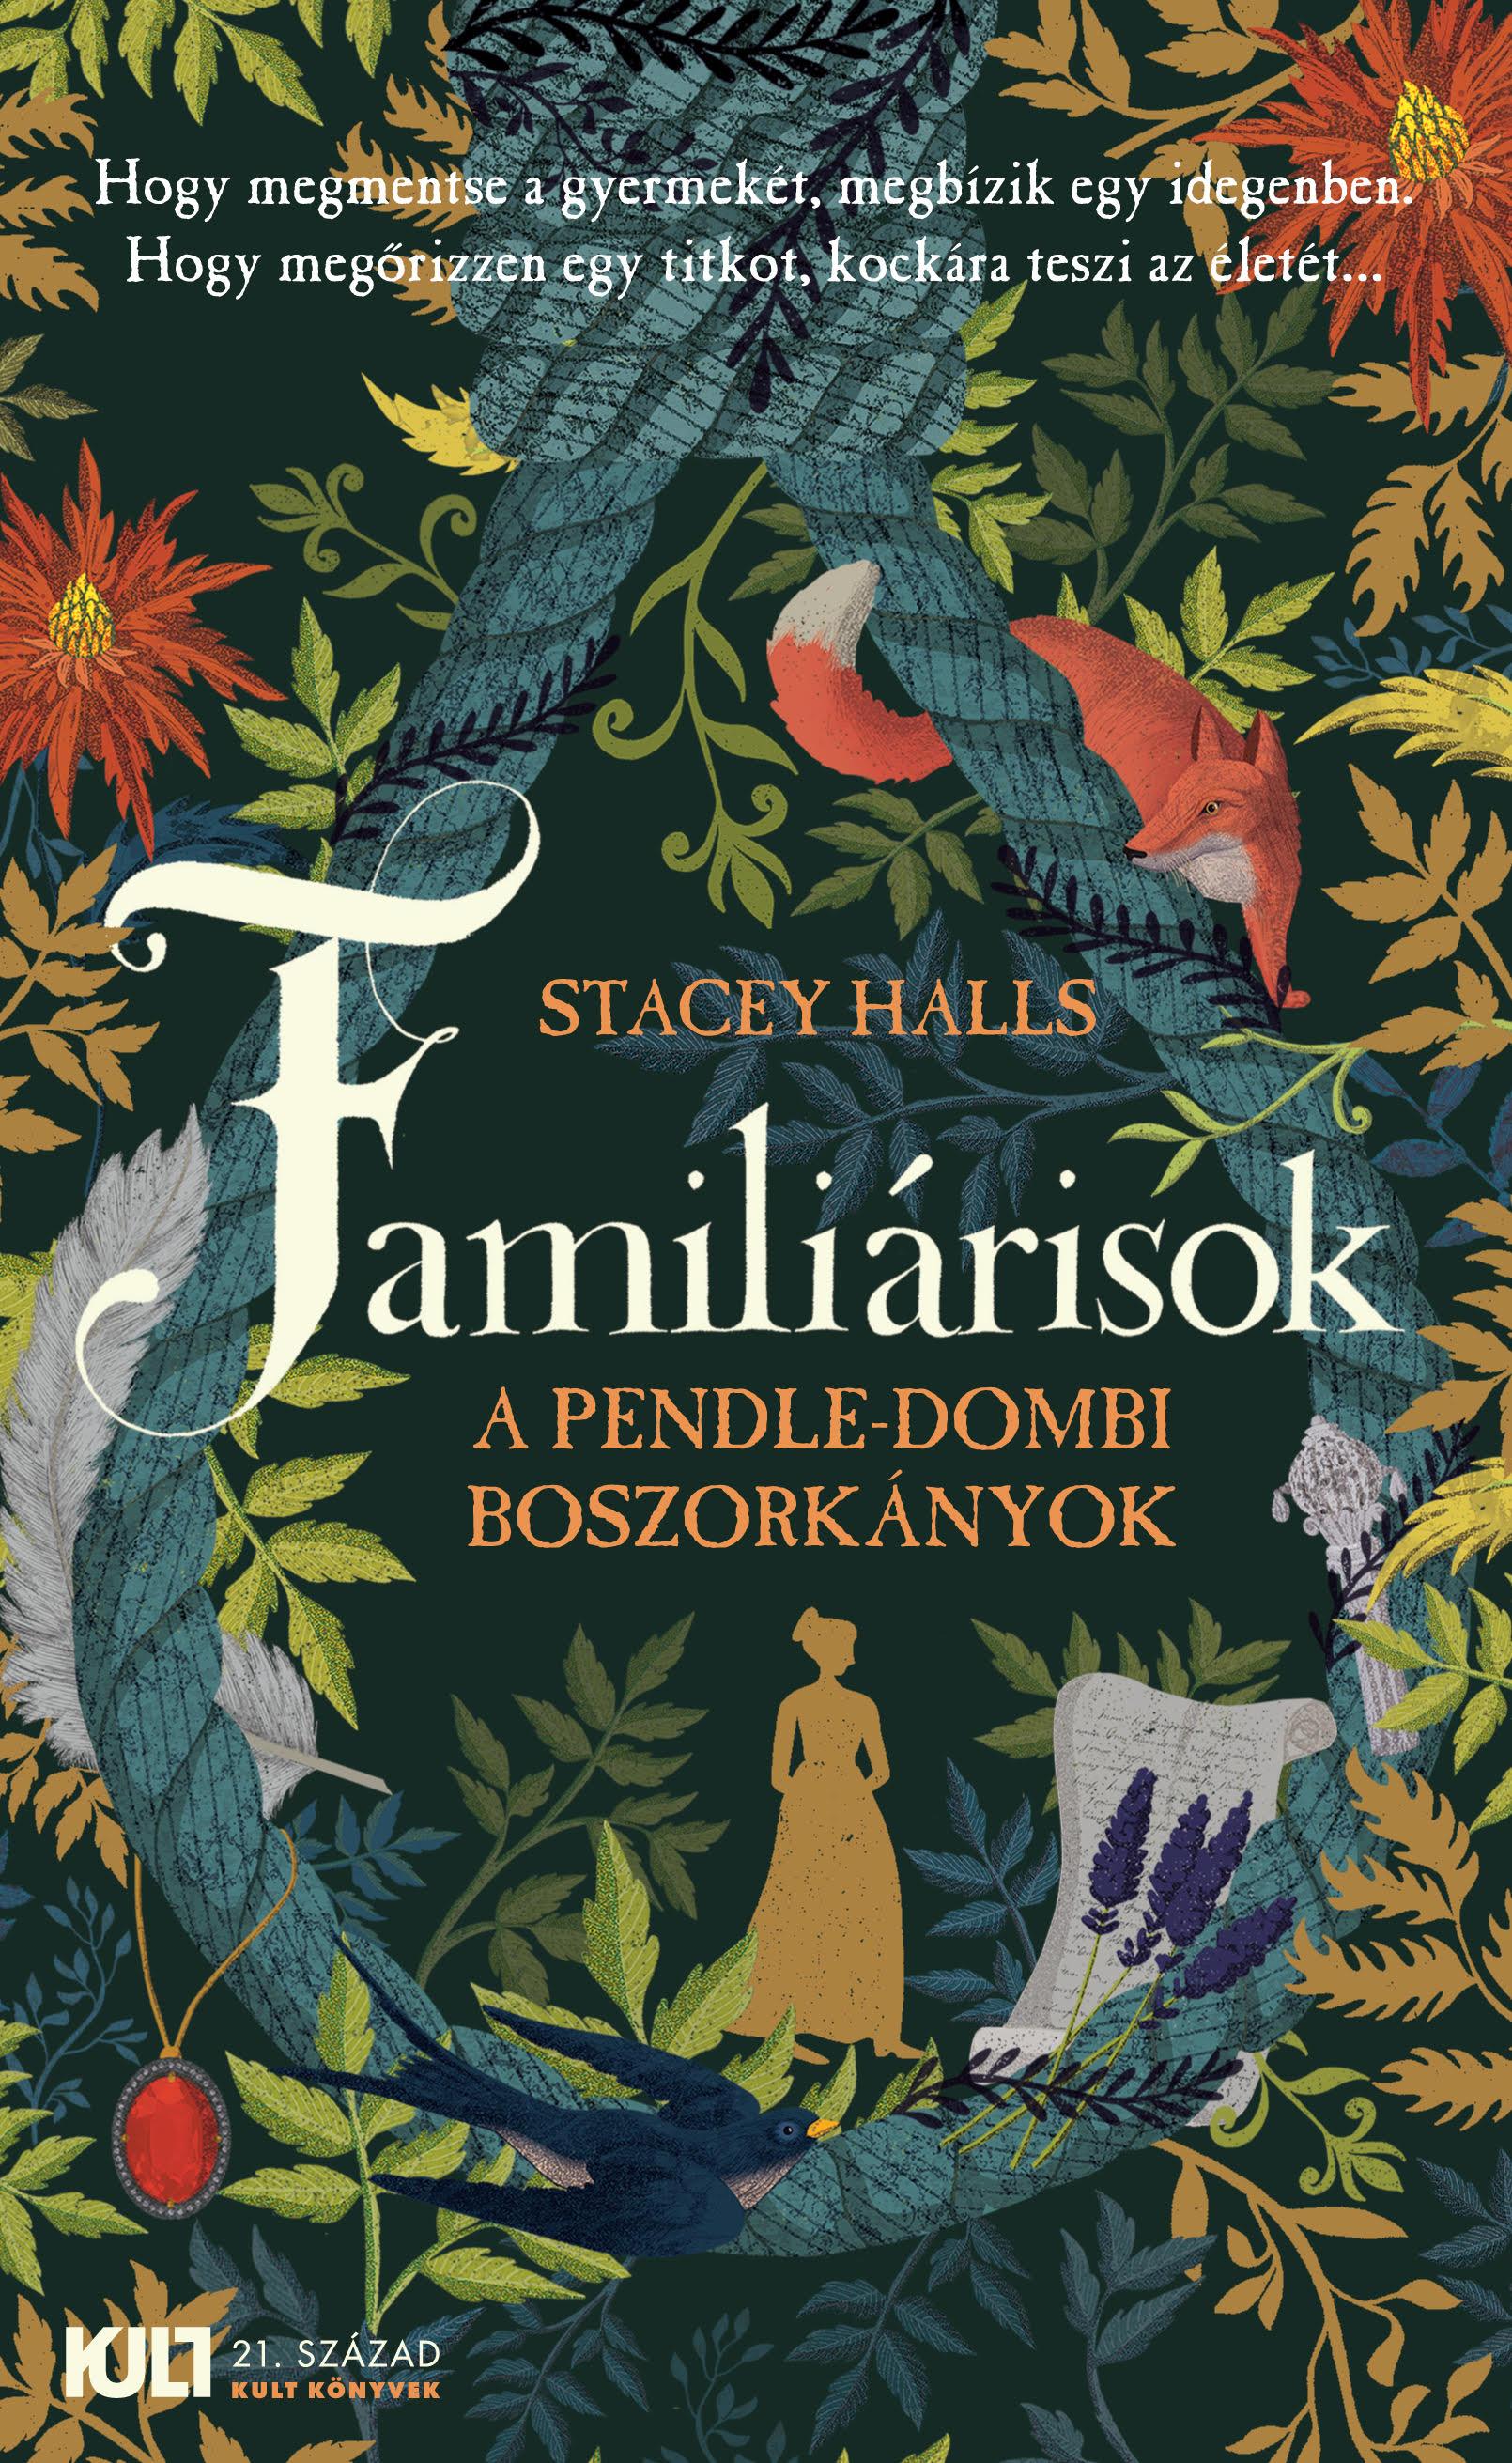 Familiárisok - A pendle-dombi boszorkányok - Stacey Halls pdf epub